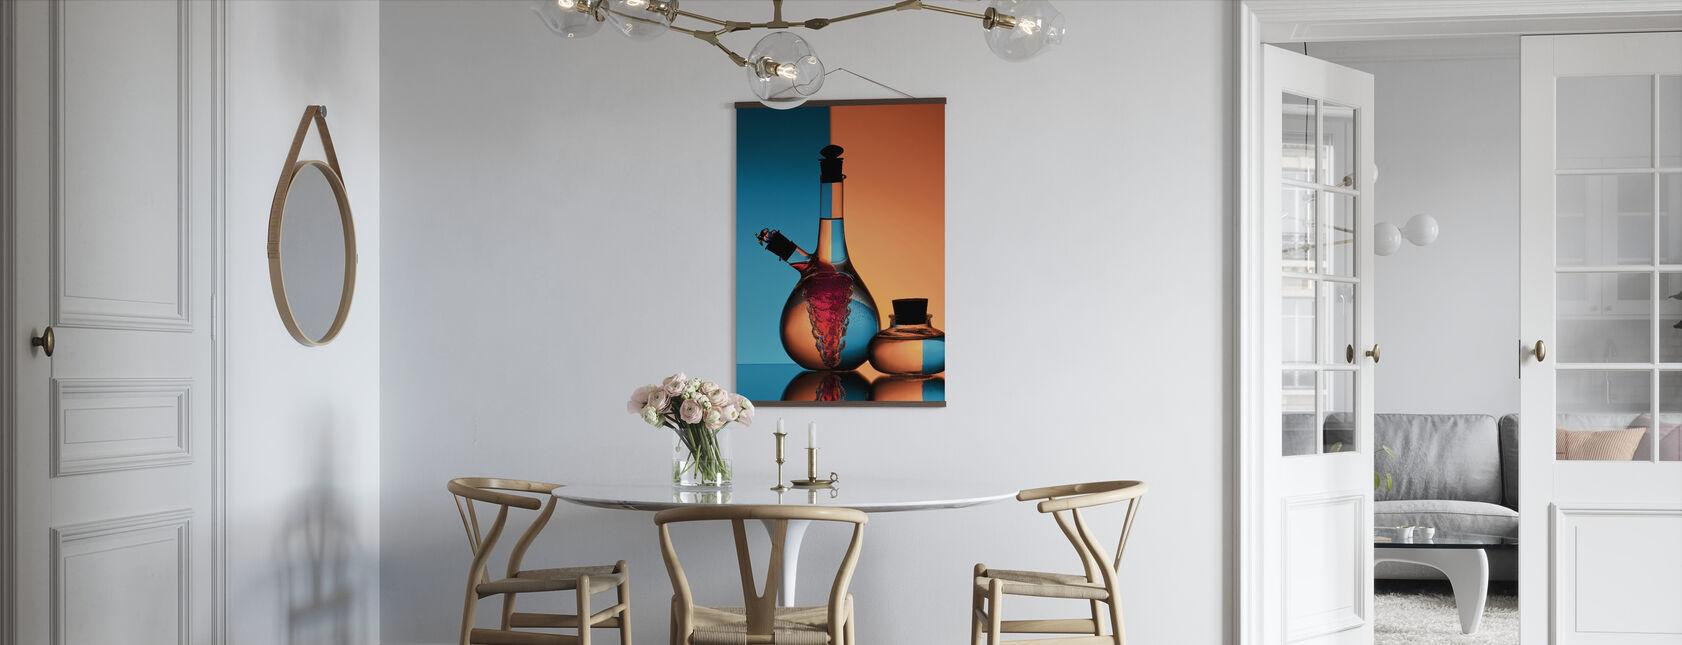 Öl & Essig - Poster - Küchen